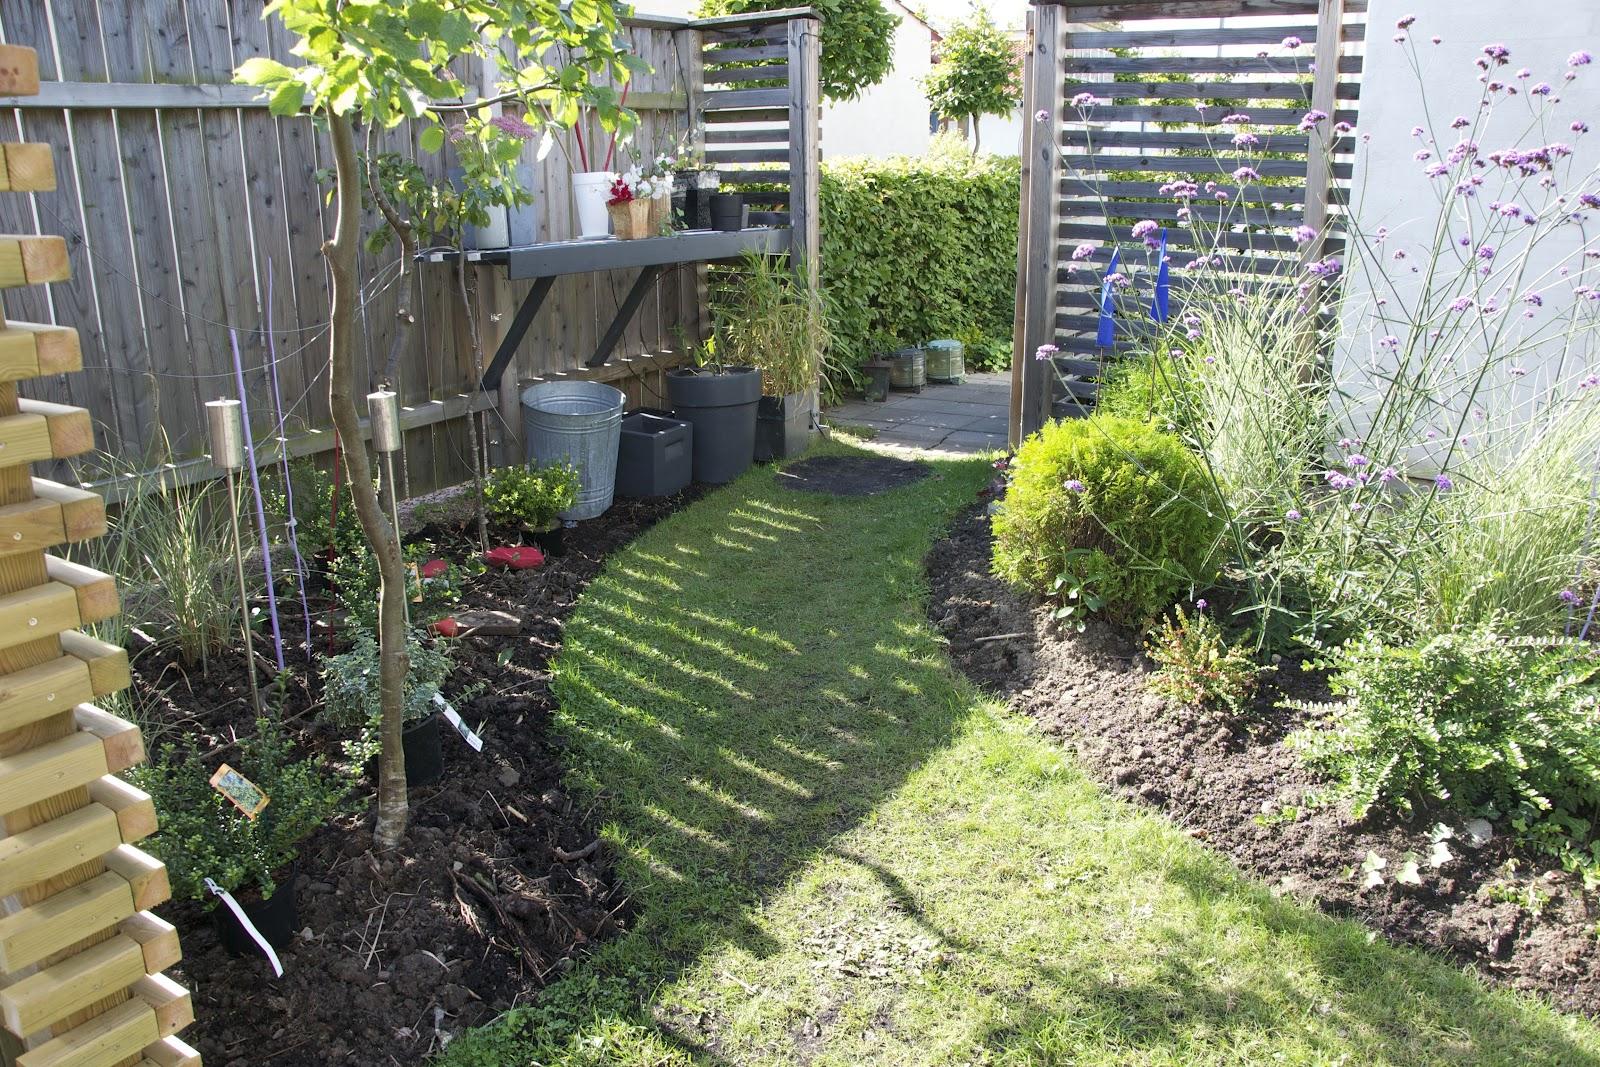 Cattis och eiras trädgårdsdesign: att anlägga en ny rabatt